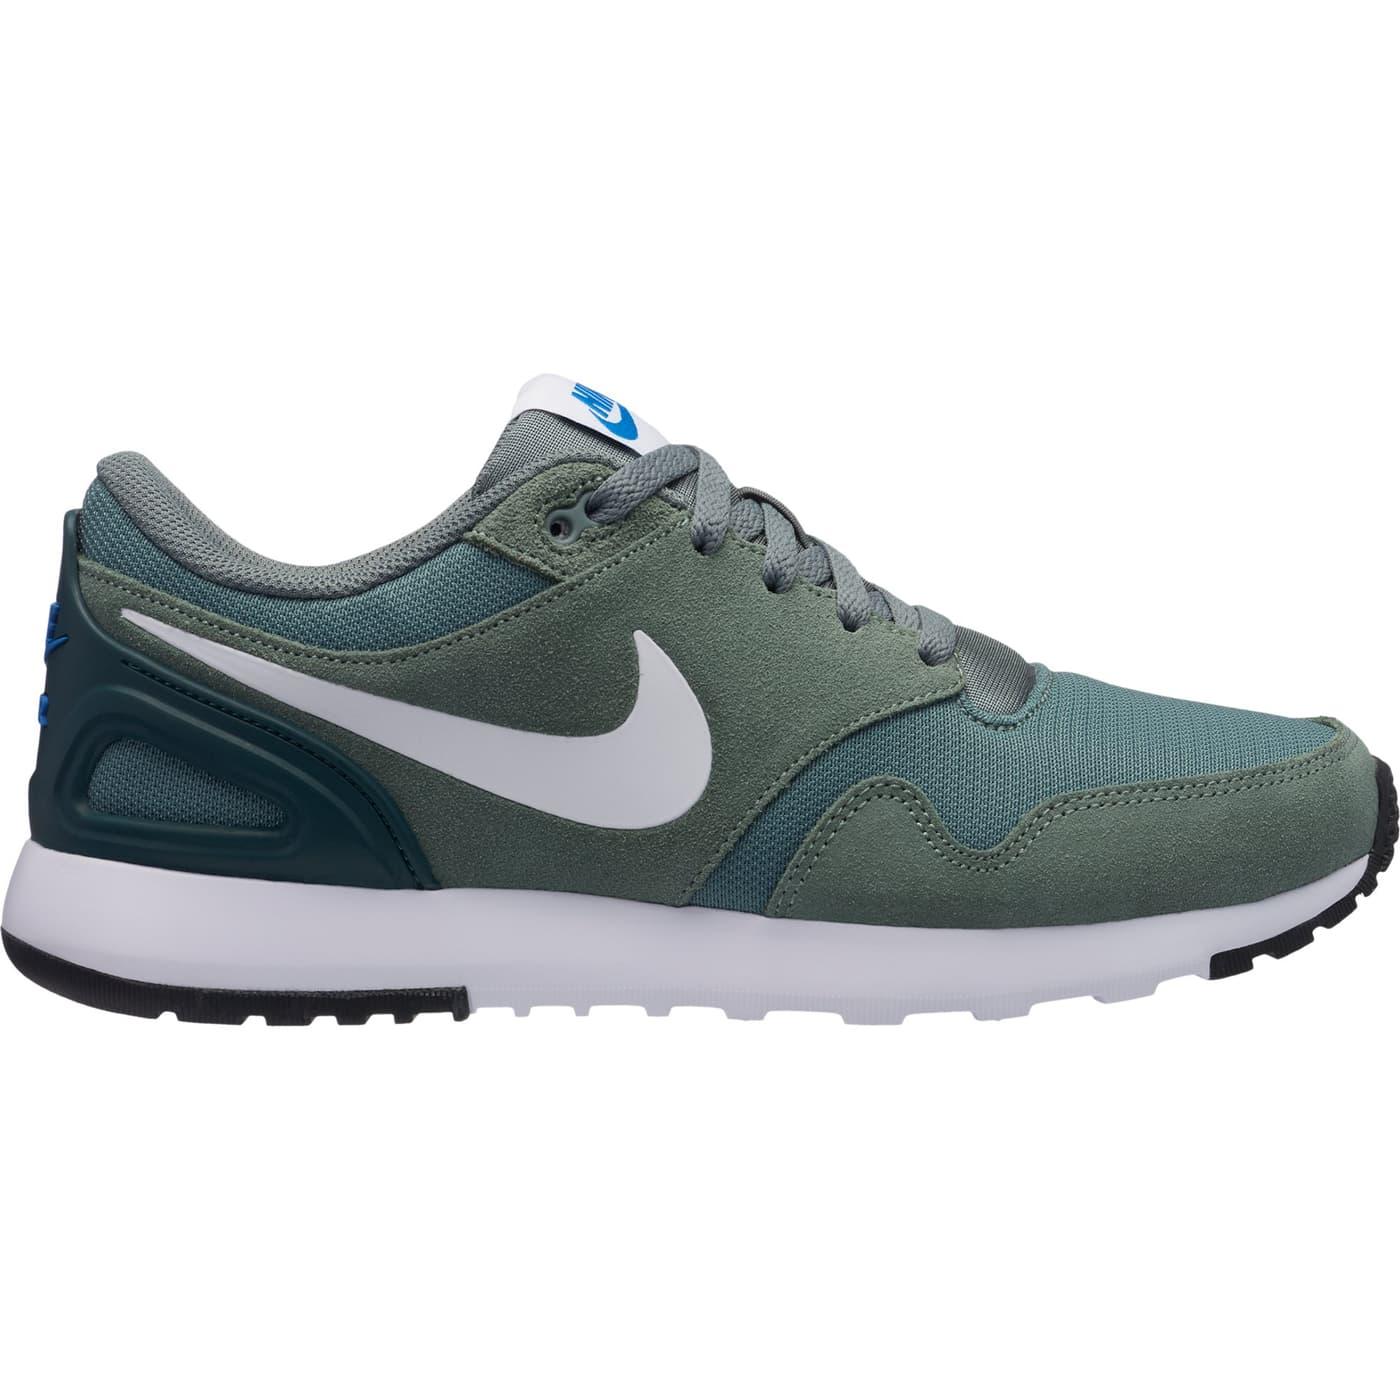 promo code 39898 a9924 Nike Air Vibenna Scarpa da uomo per il tempo libero ...